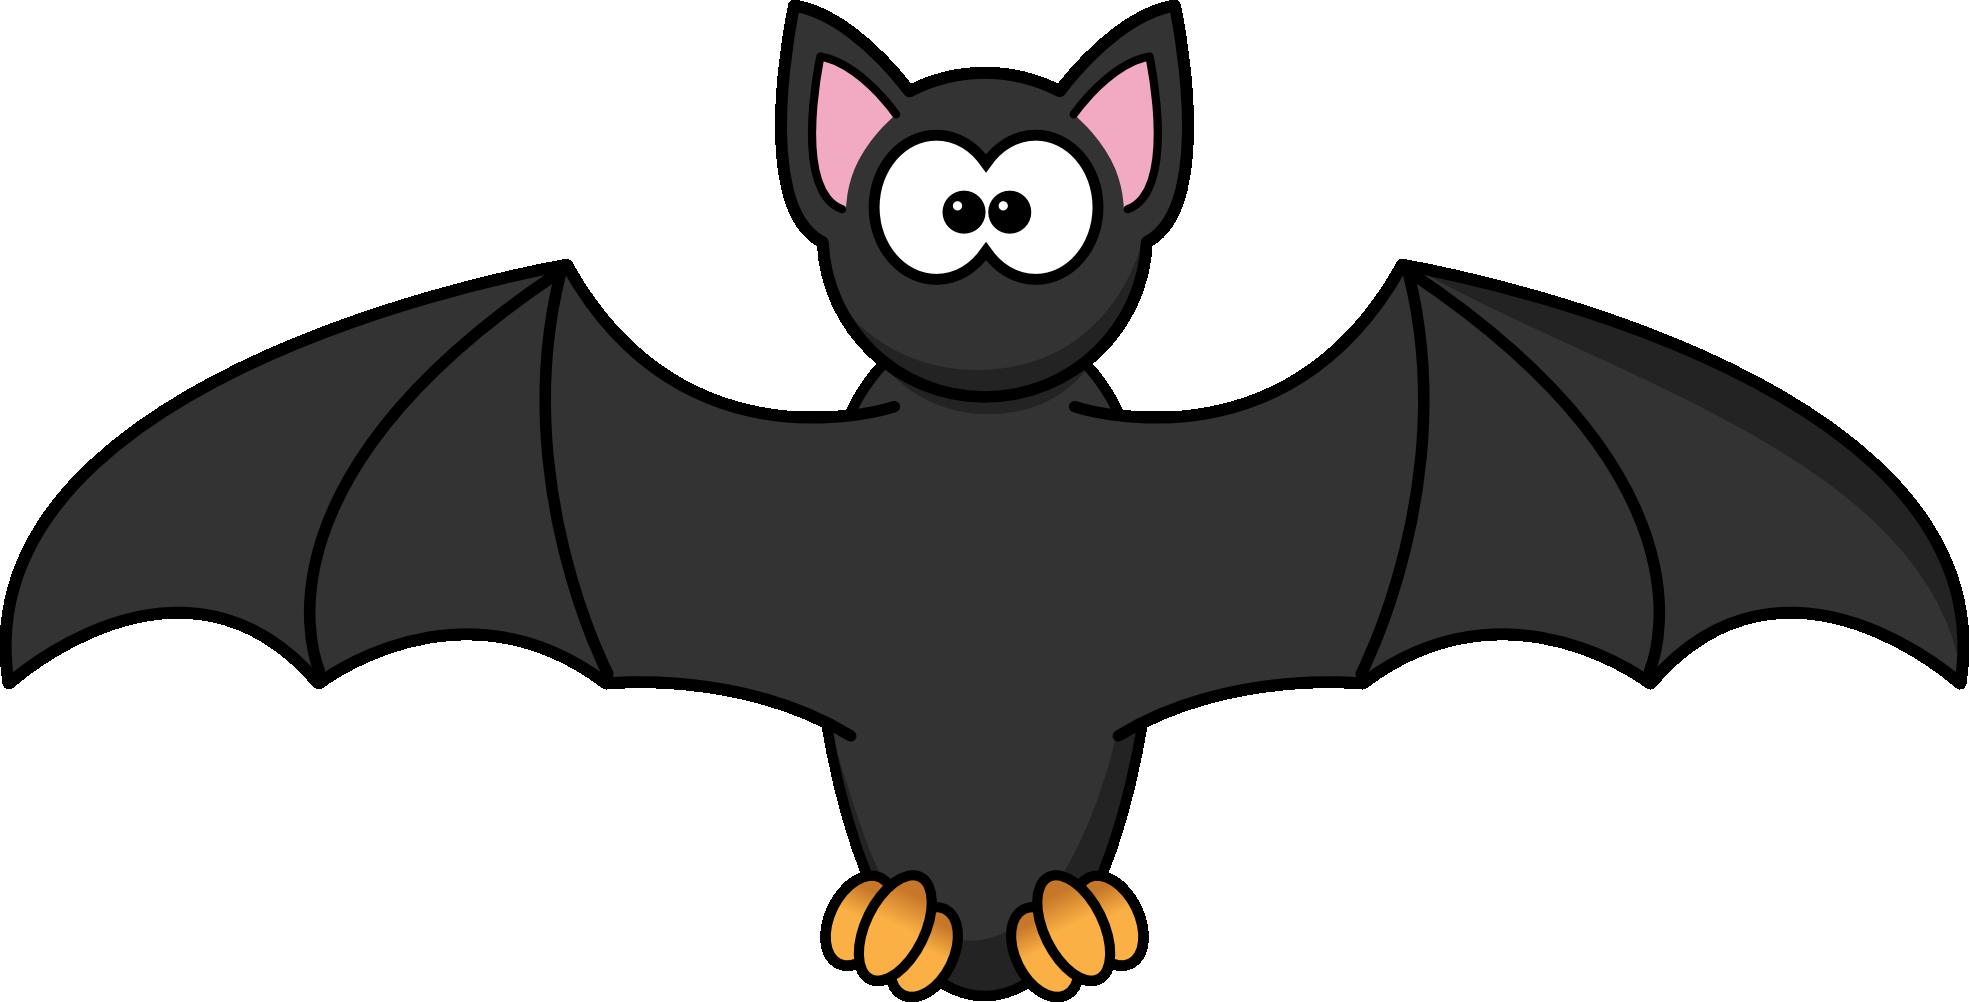 Bat clipart free images